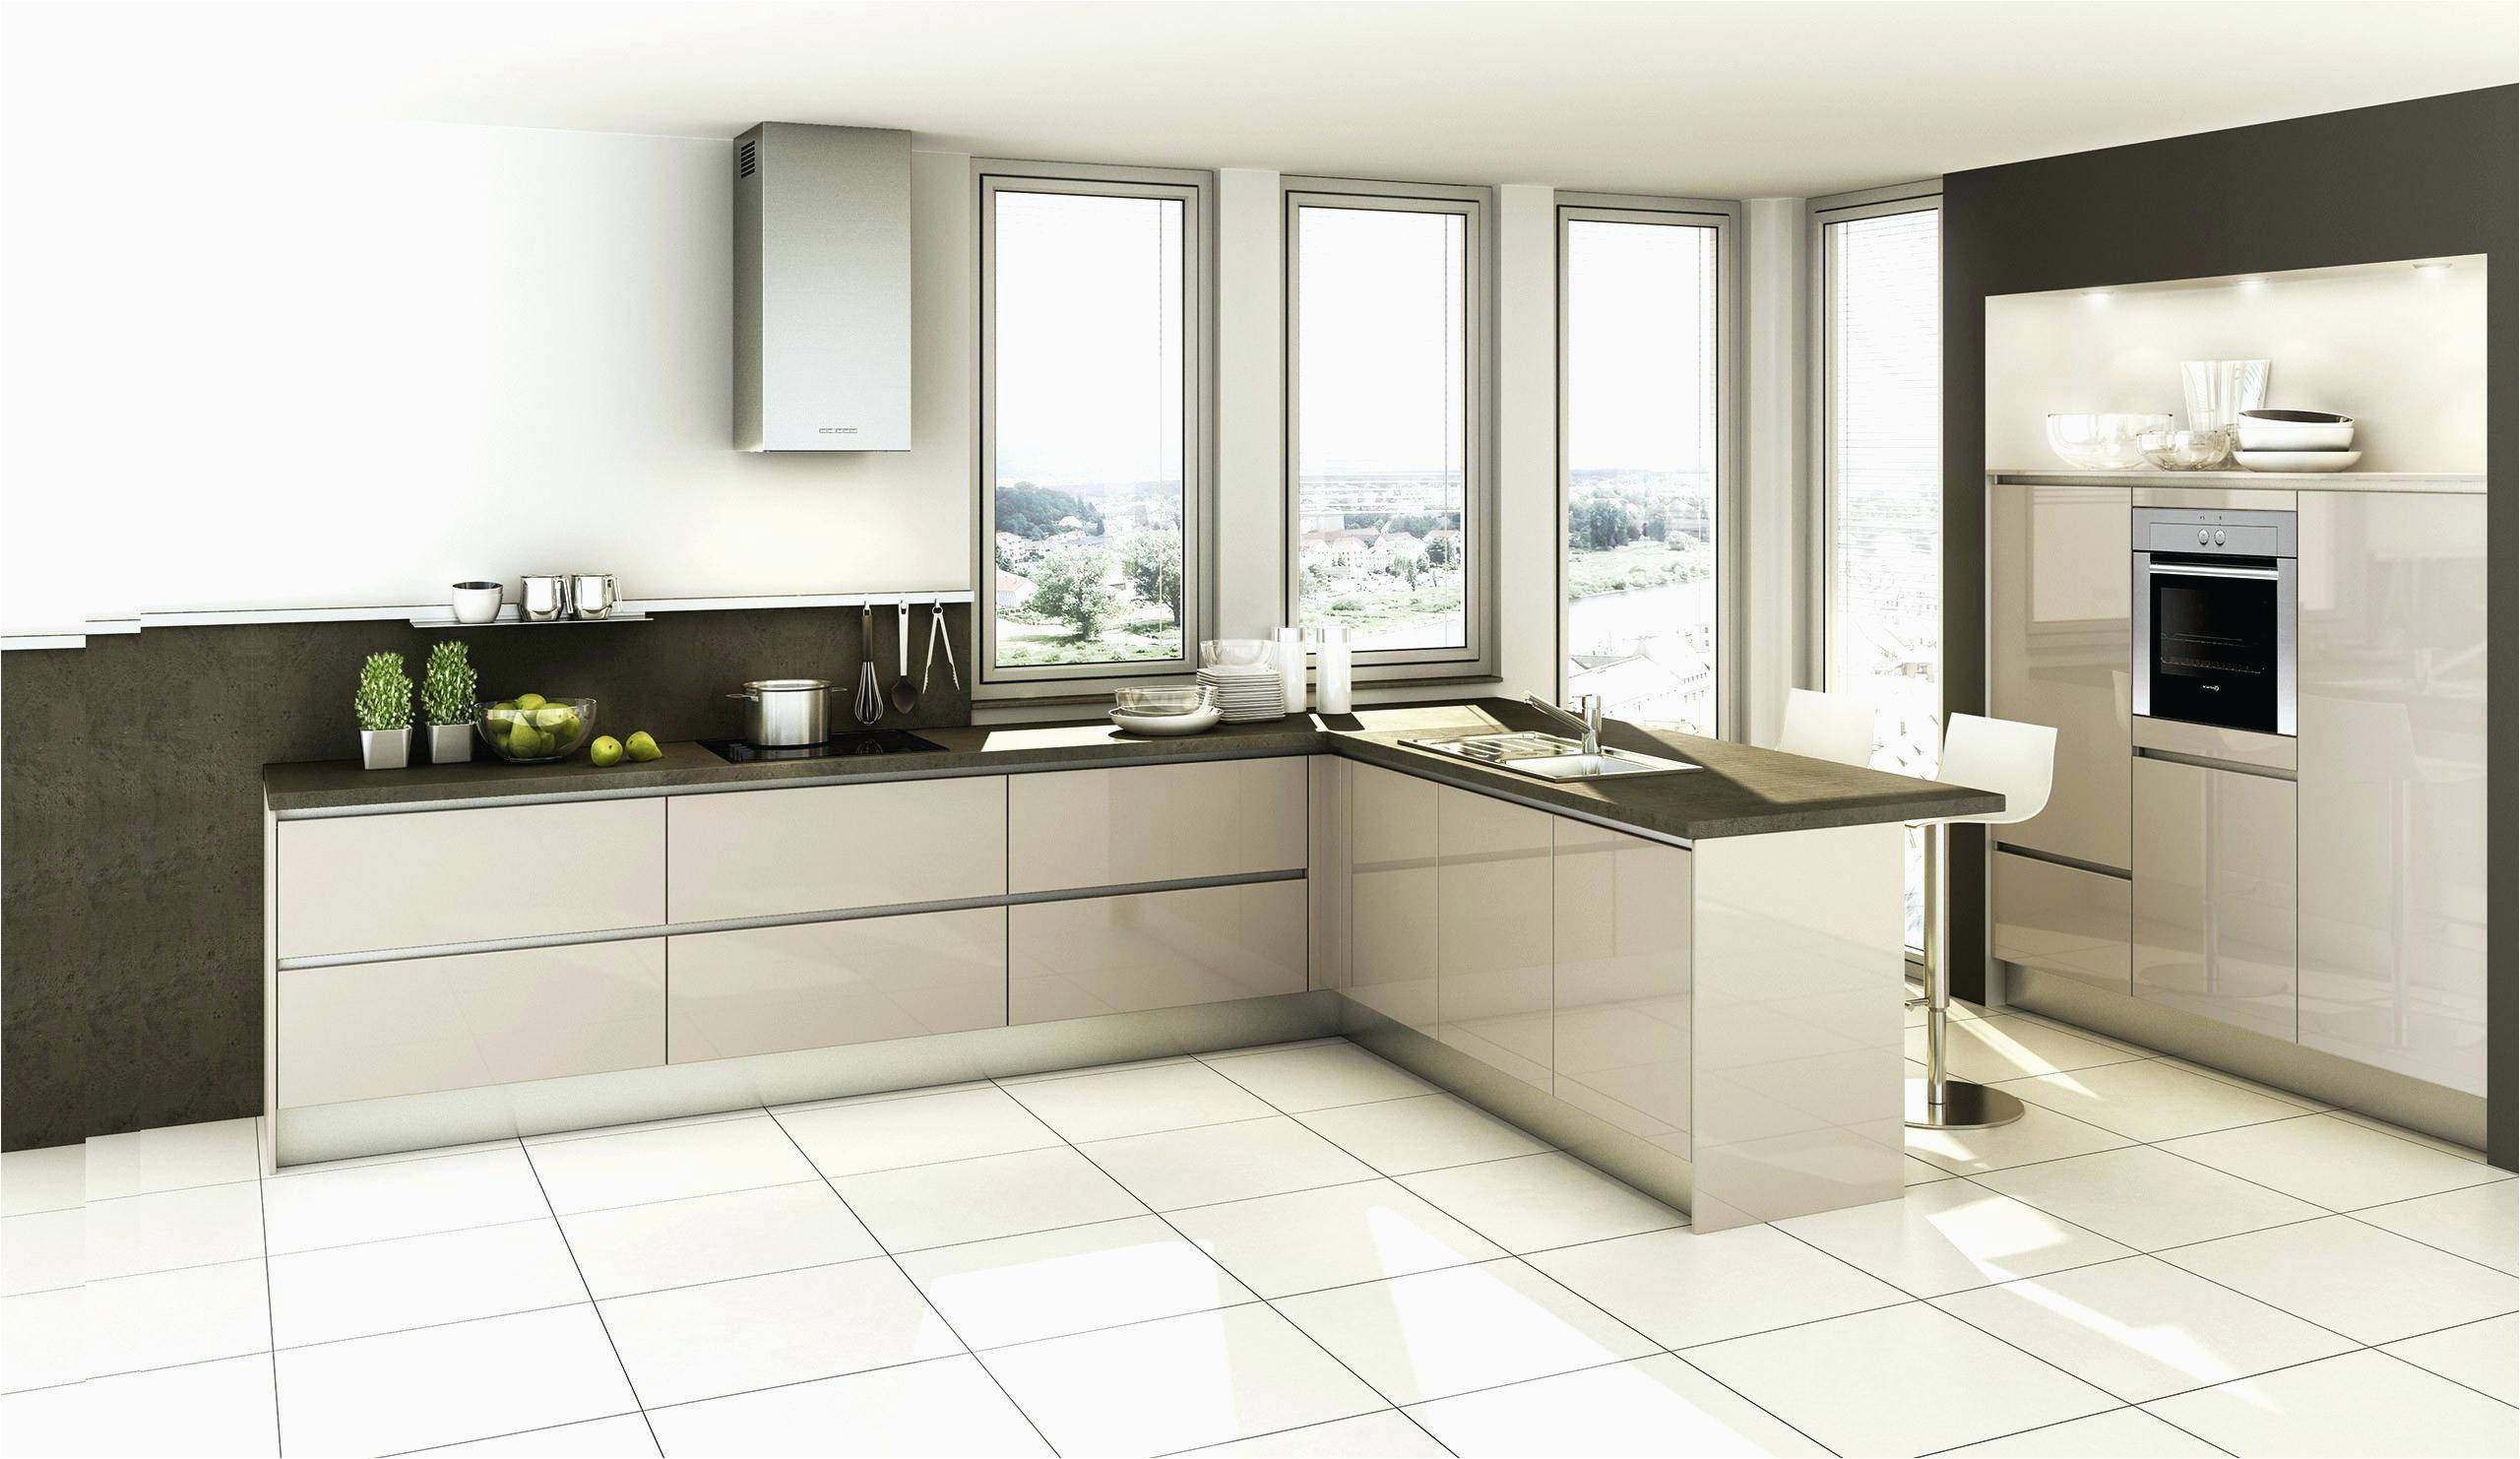 Küche Weiss Und Buche 28 Das Beste Von Durchreiche Küche Wohnzimmer Frisch